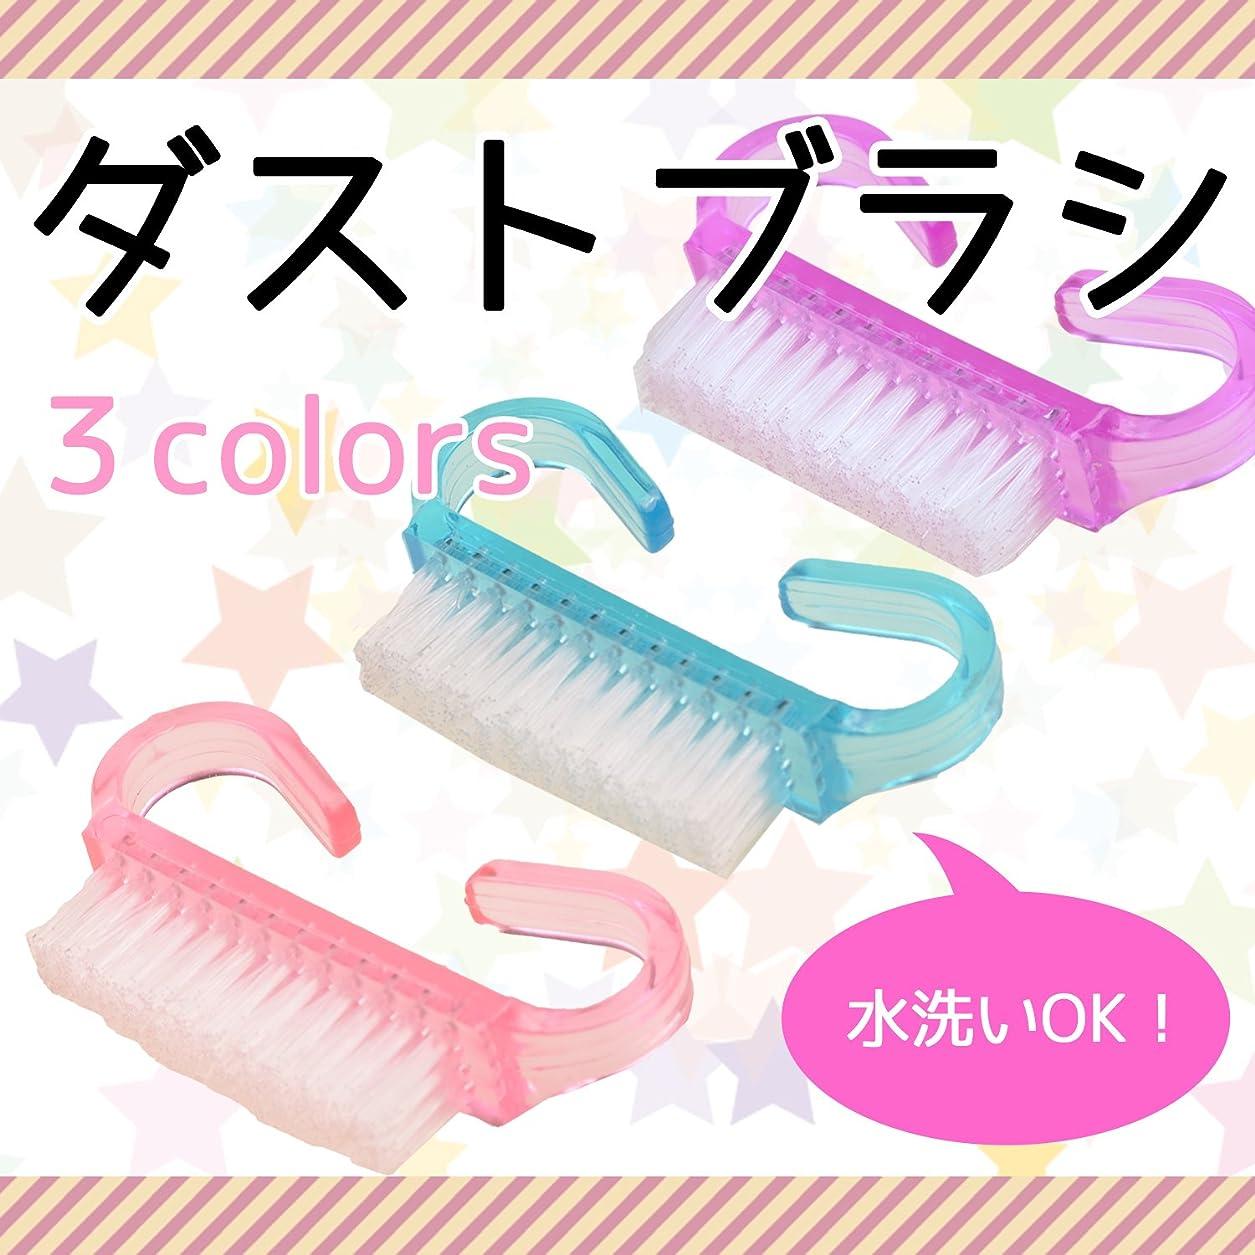 アンプ分子松ネイルブラシ ダストブラシ フィンガーブラシ 選べる3色 (ピンク)